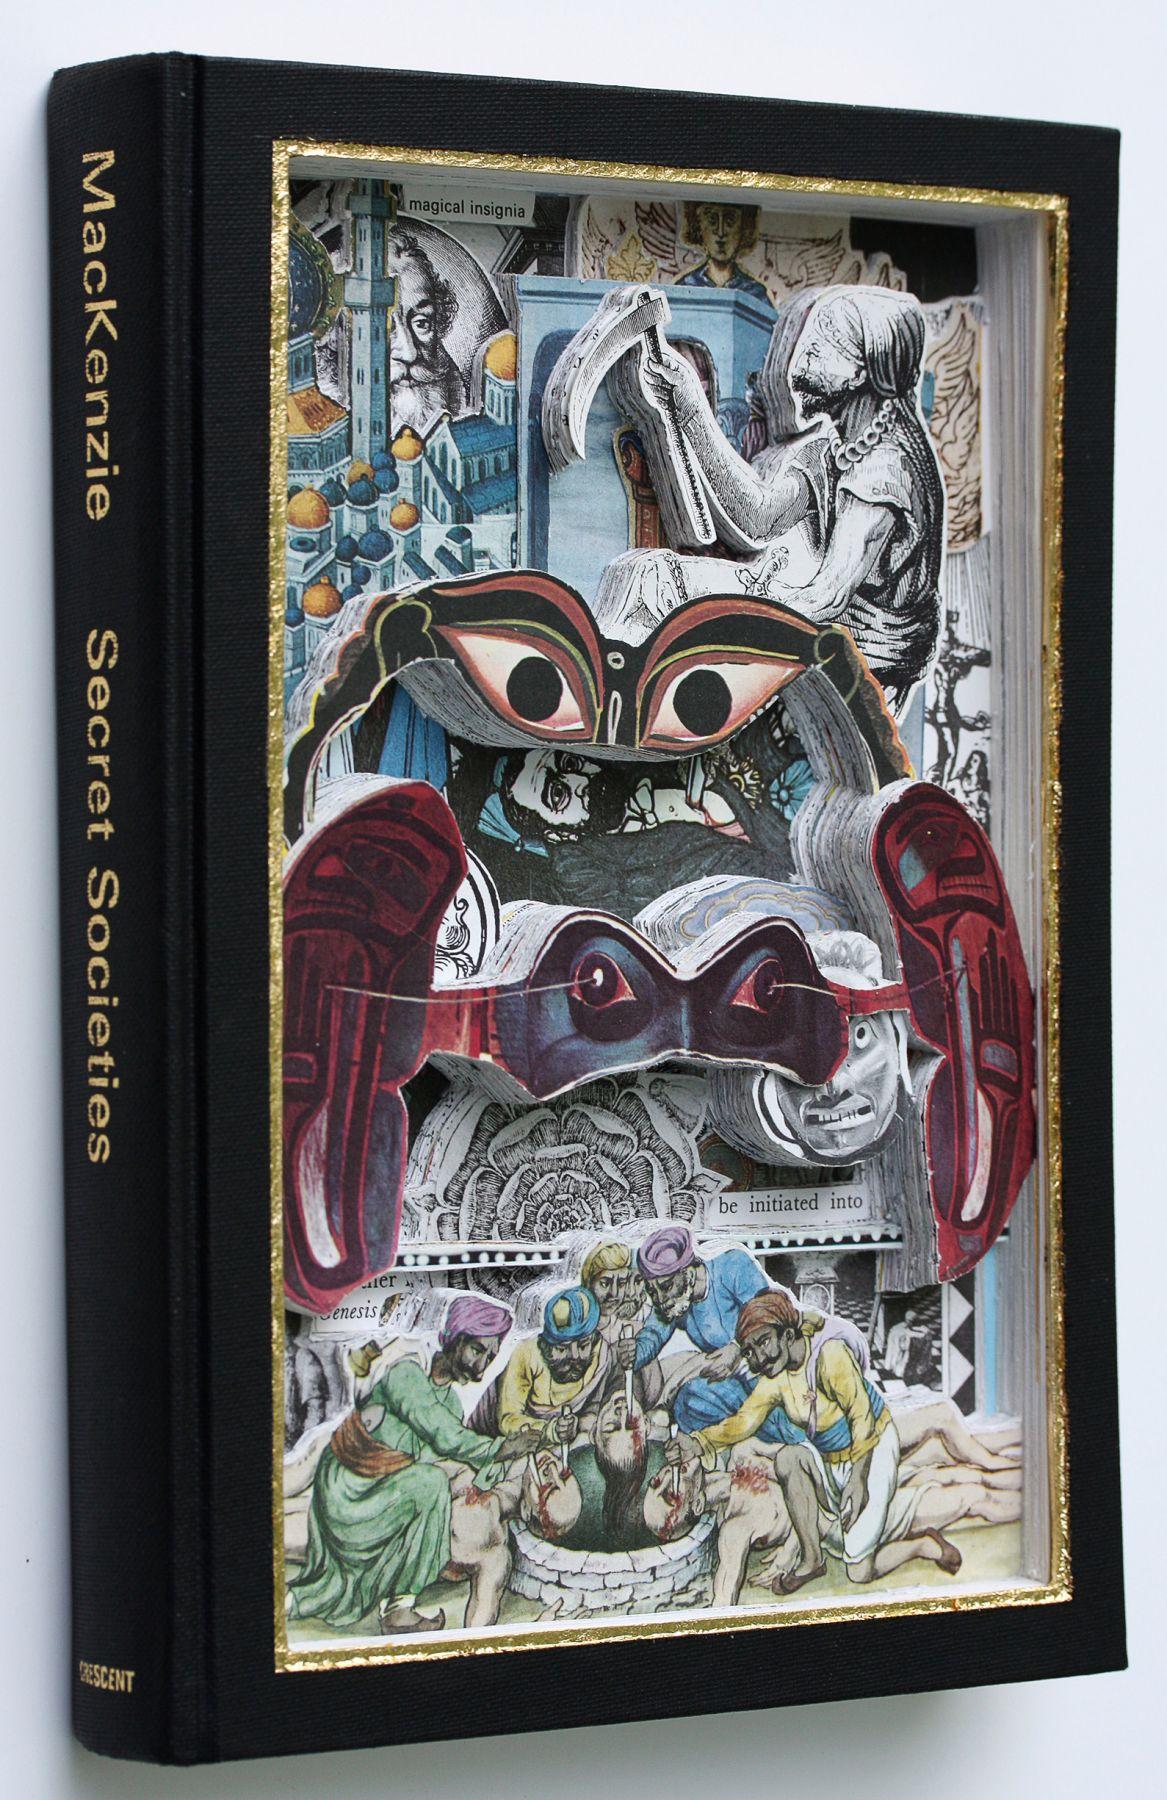 James Allen - Secret Societies book excavation spine view